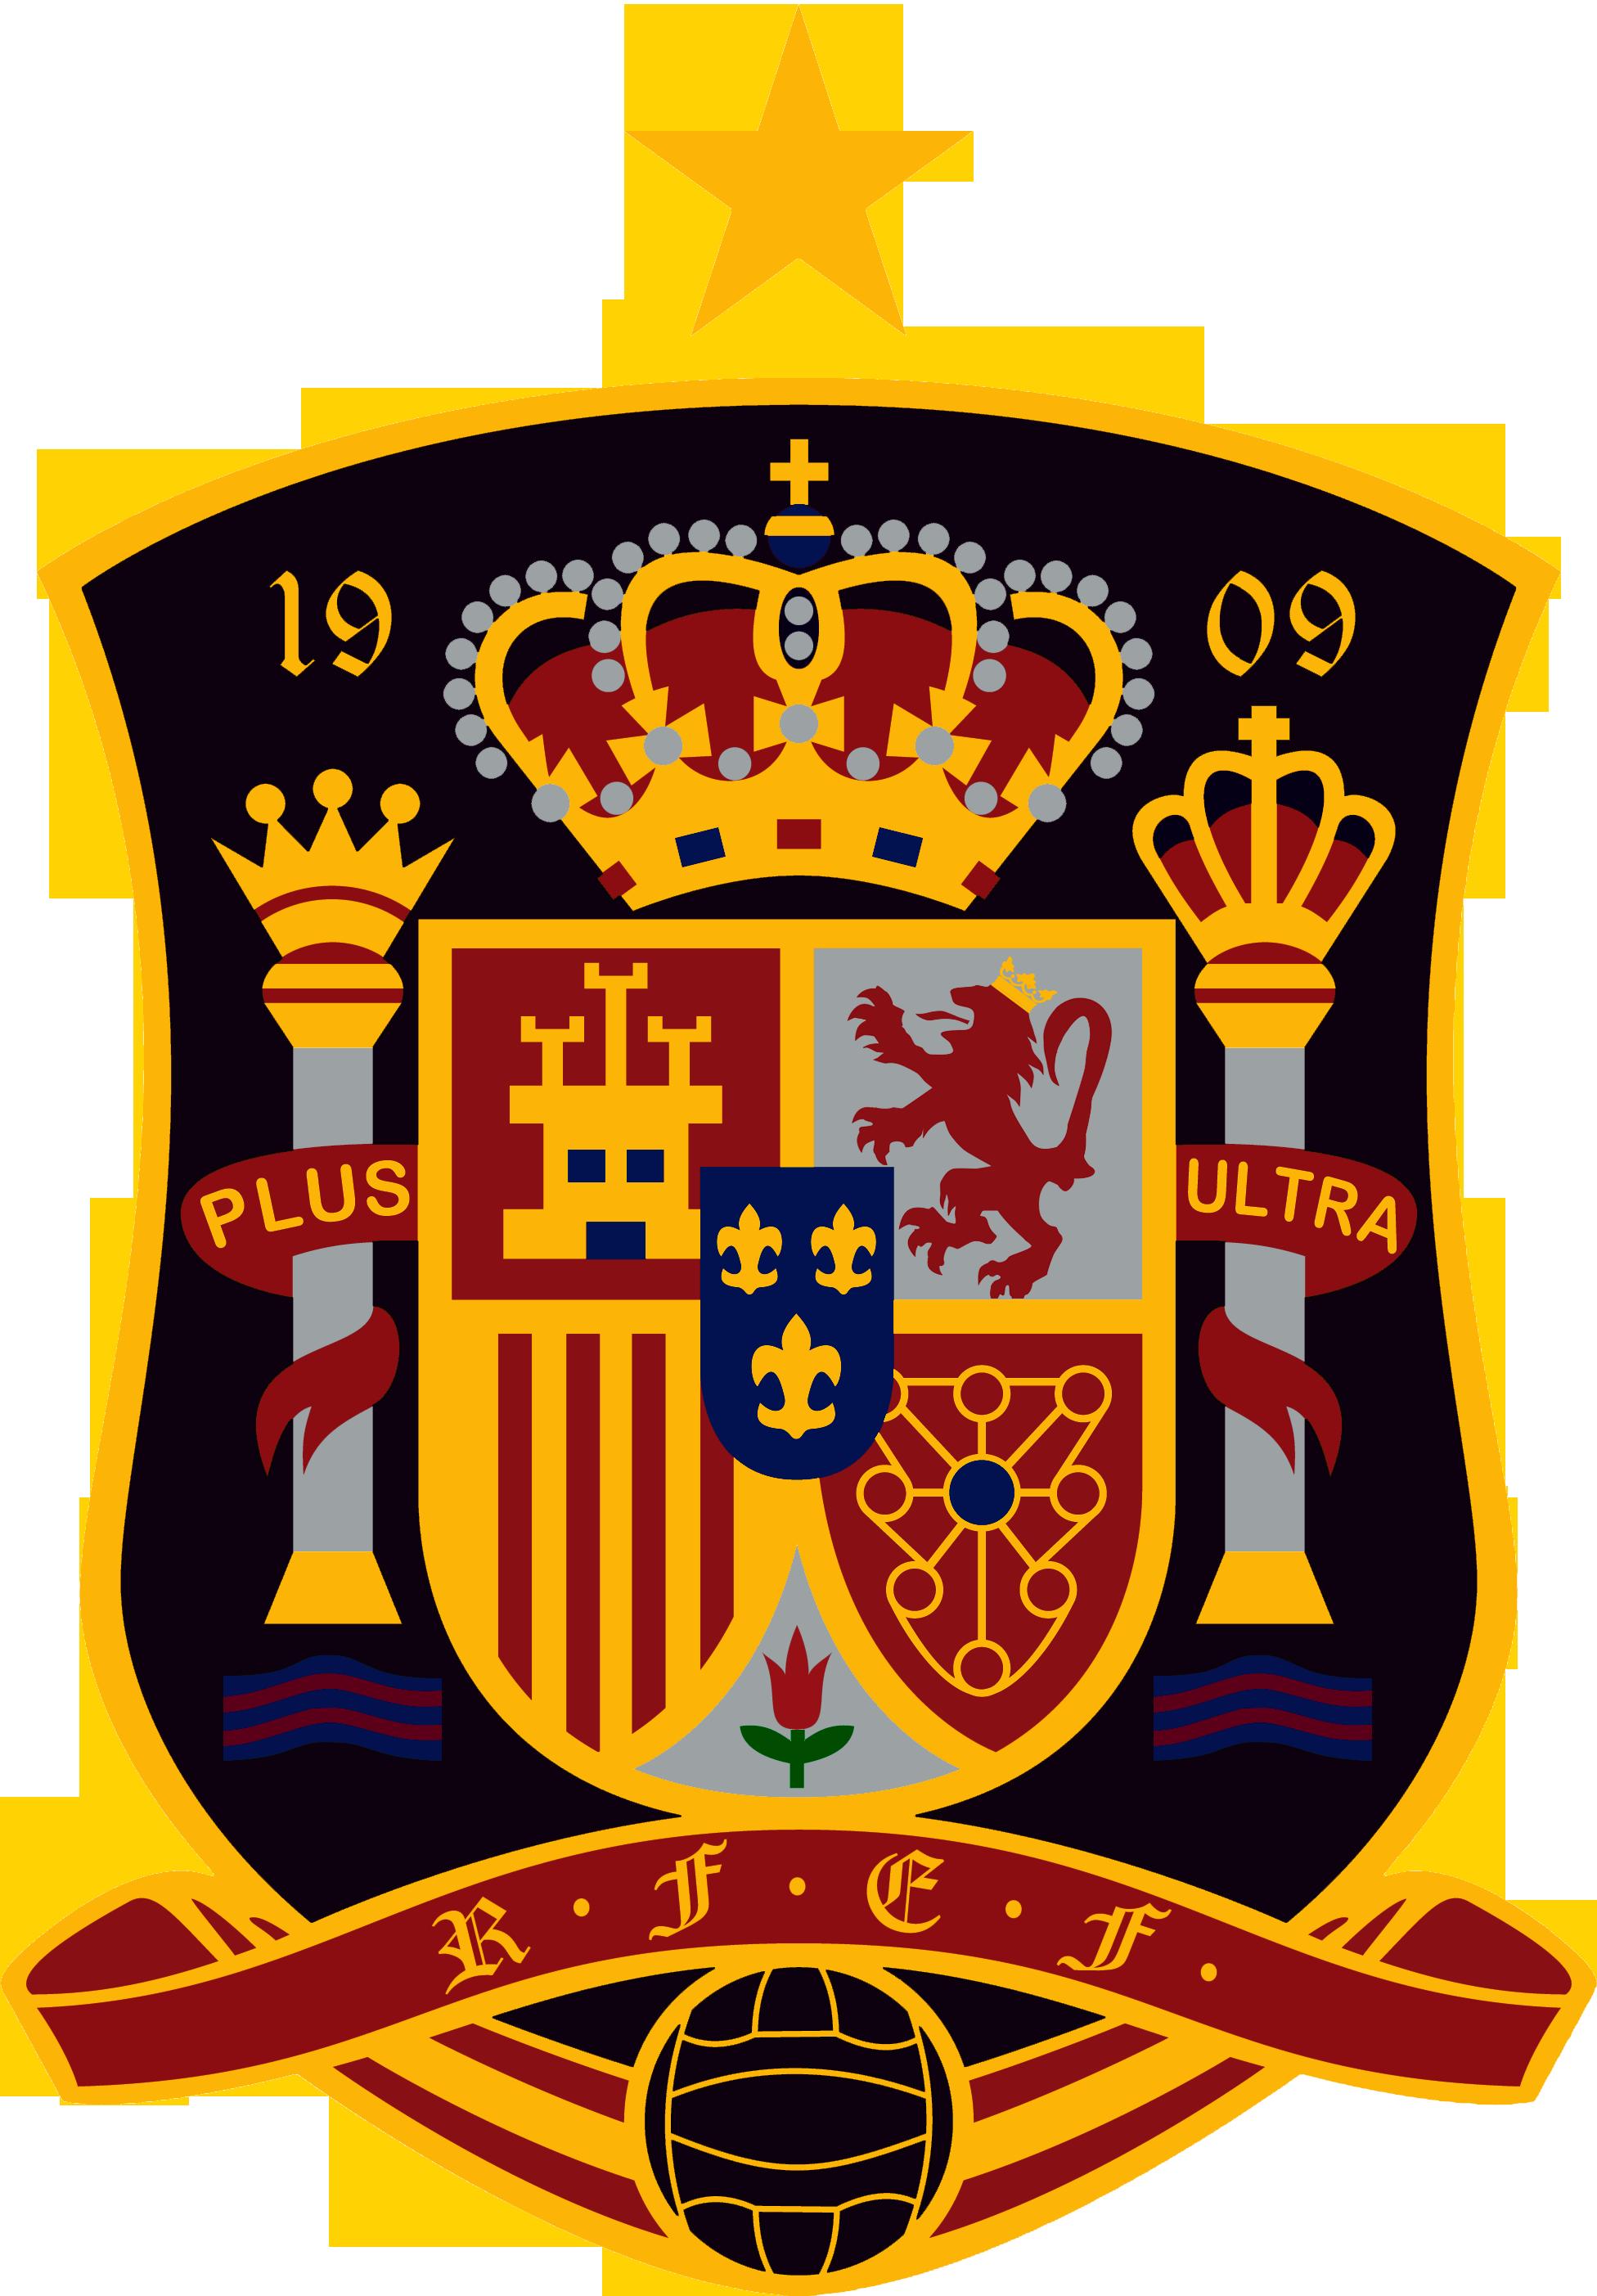 Spain U-19 logo